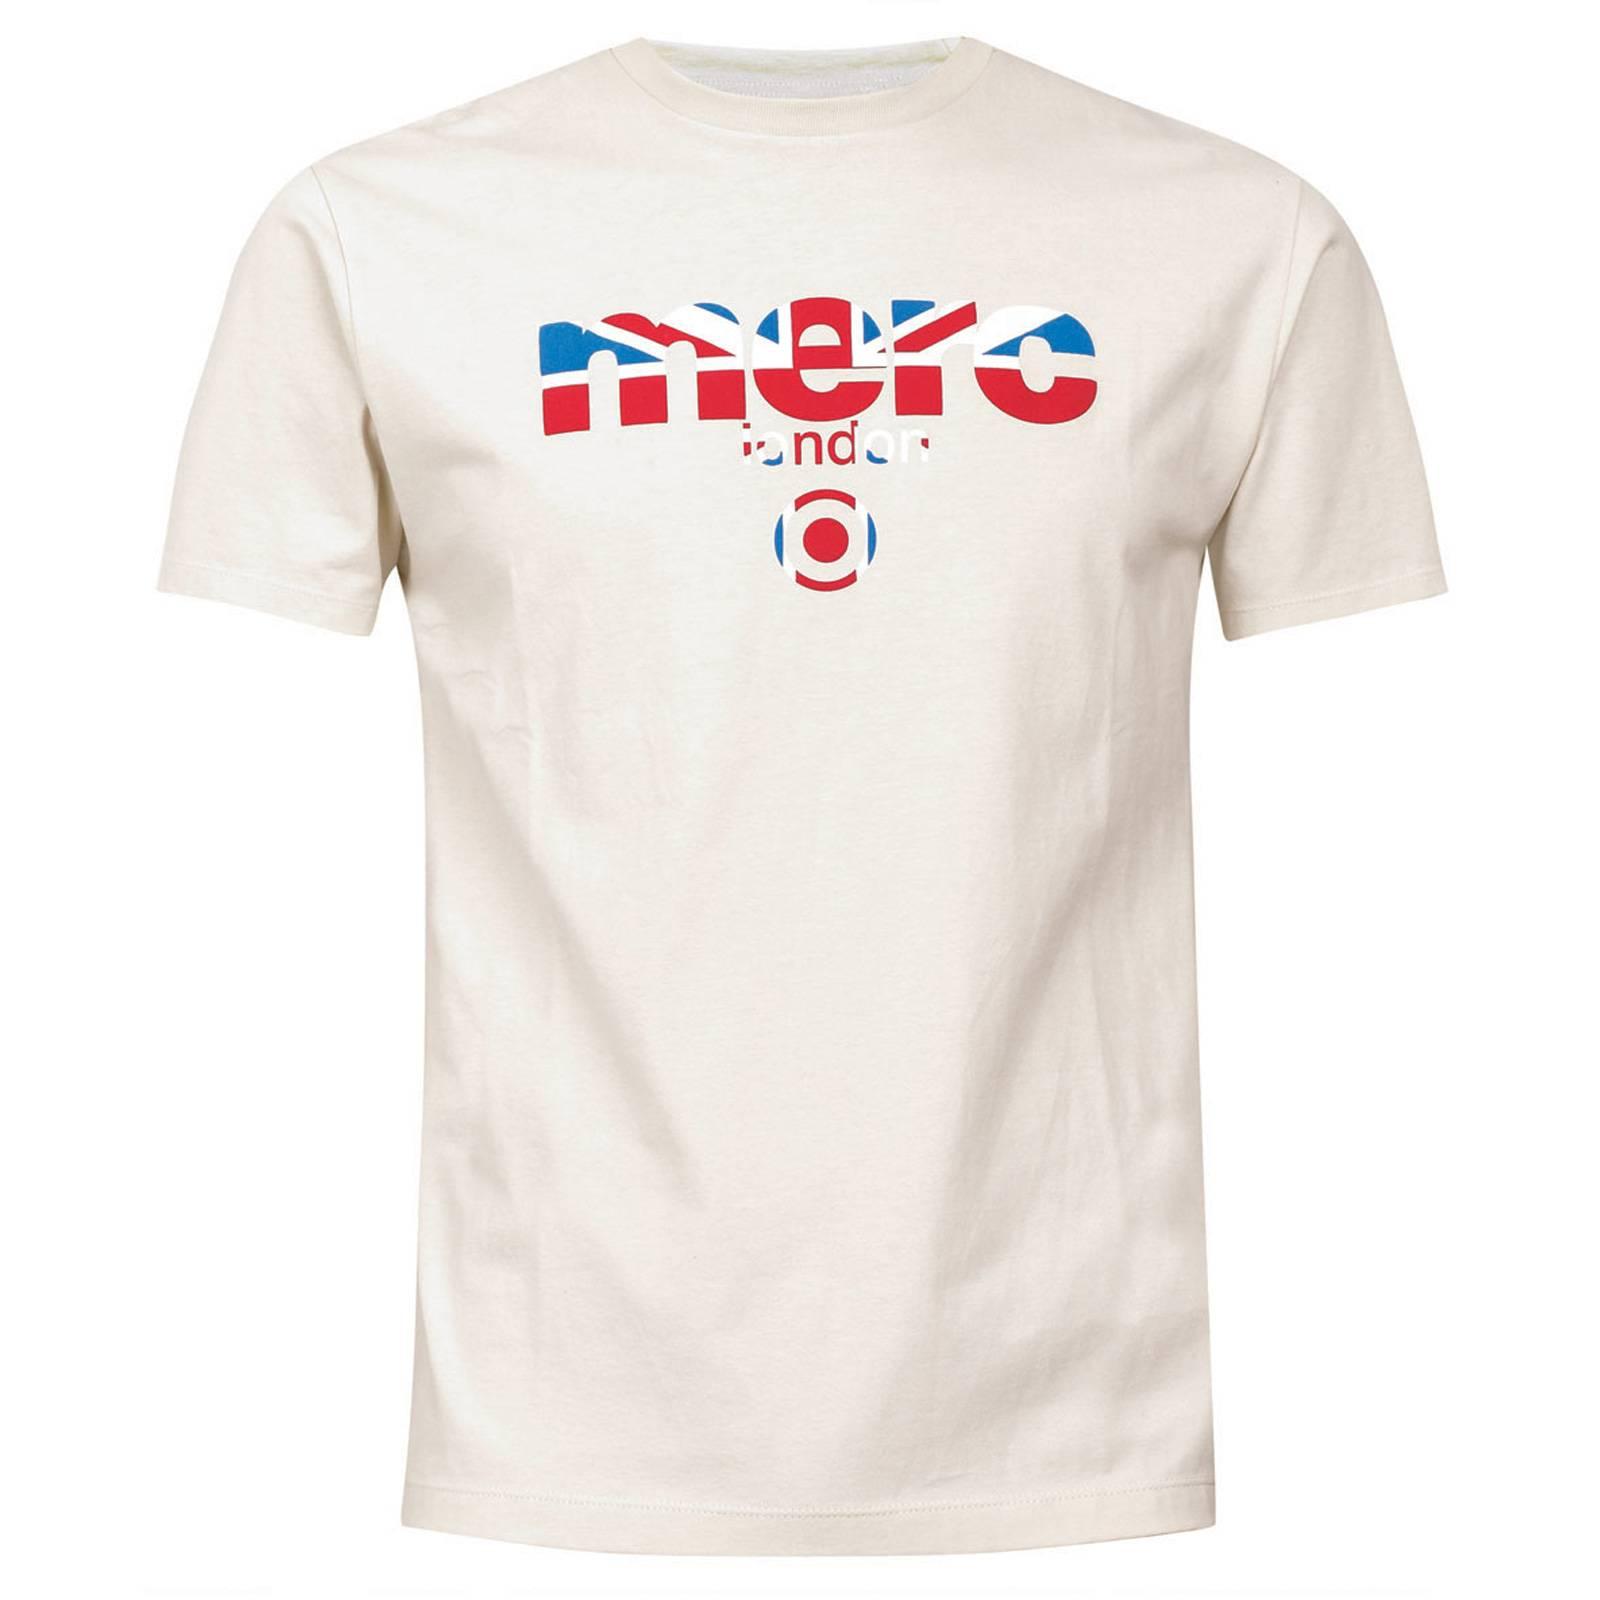 Футболка BroadwellФутболки<br>Яркая футболка всесезонной базовой линии &amp;amp;quot;Core&amp;amp;quot; с классическим логотипом Merc, украшенным Union Jack. Высокое качество нанесения принта исключает его облезание в результате стирок. Трехцветный Британский флаг позволяет легко комбинировать эту футболку со множеством вариантов джинсов, шорт, обуви и брюк в различных цветовых решениях. Отлично сочетается с олимпийками, кардиганами и верхней одеждой. Произведено в Европейском Союзе<br><br>Артикул: 1709210<br>Материал: 100% хлопок<br>Цвет: кремовый<br>Пол: Мужской